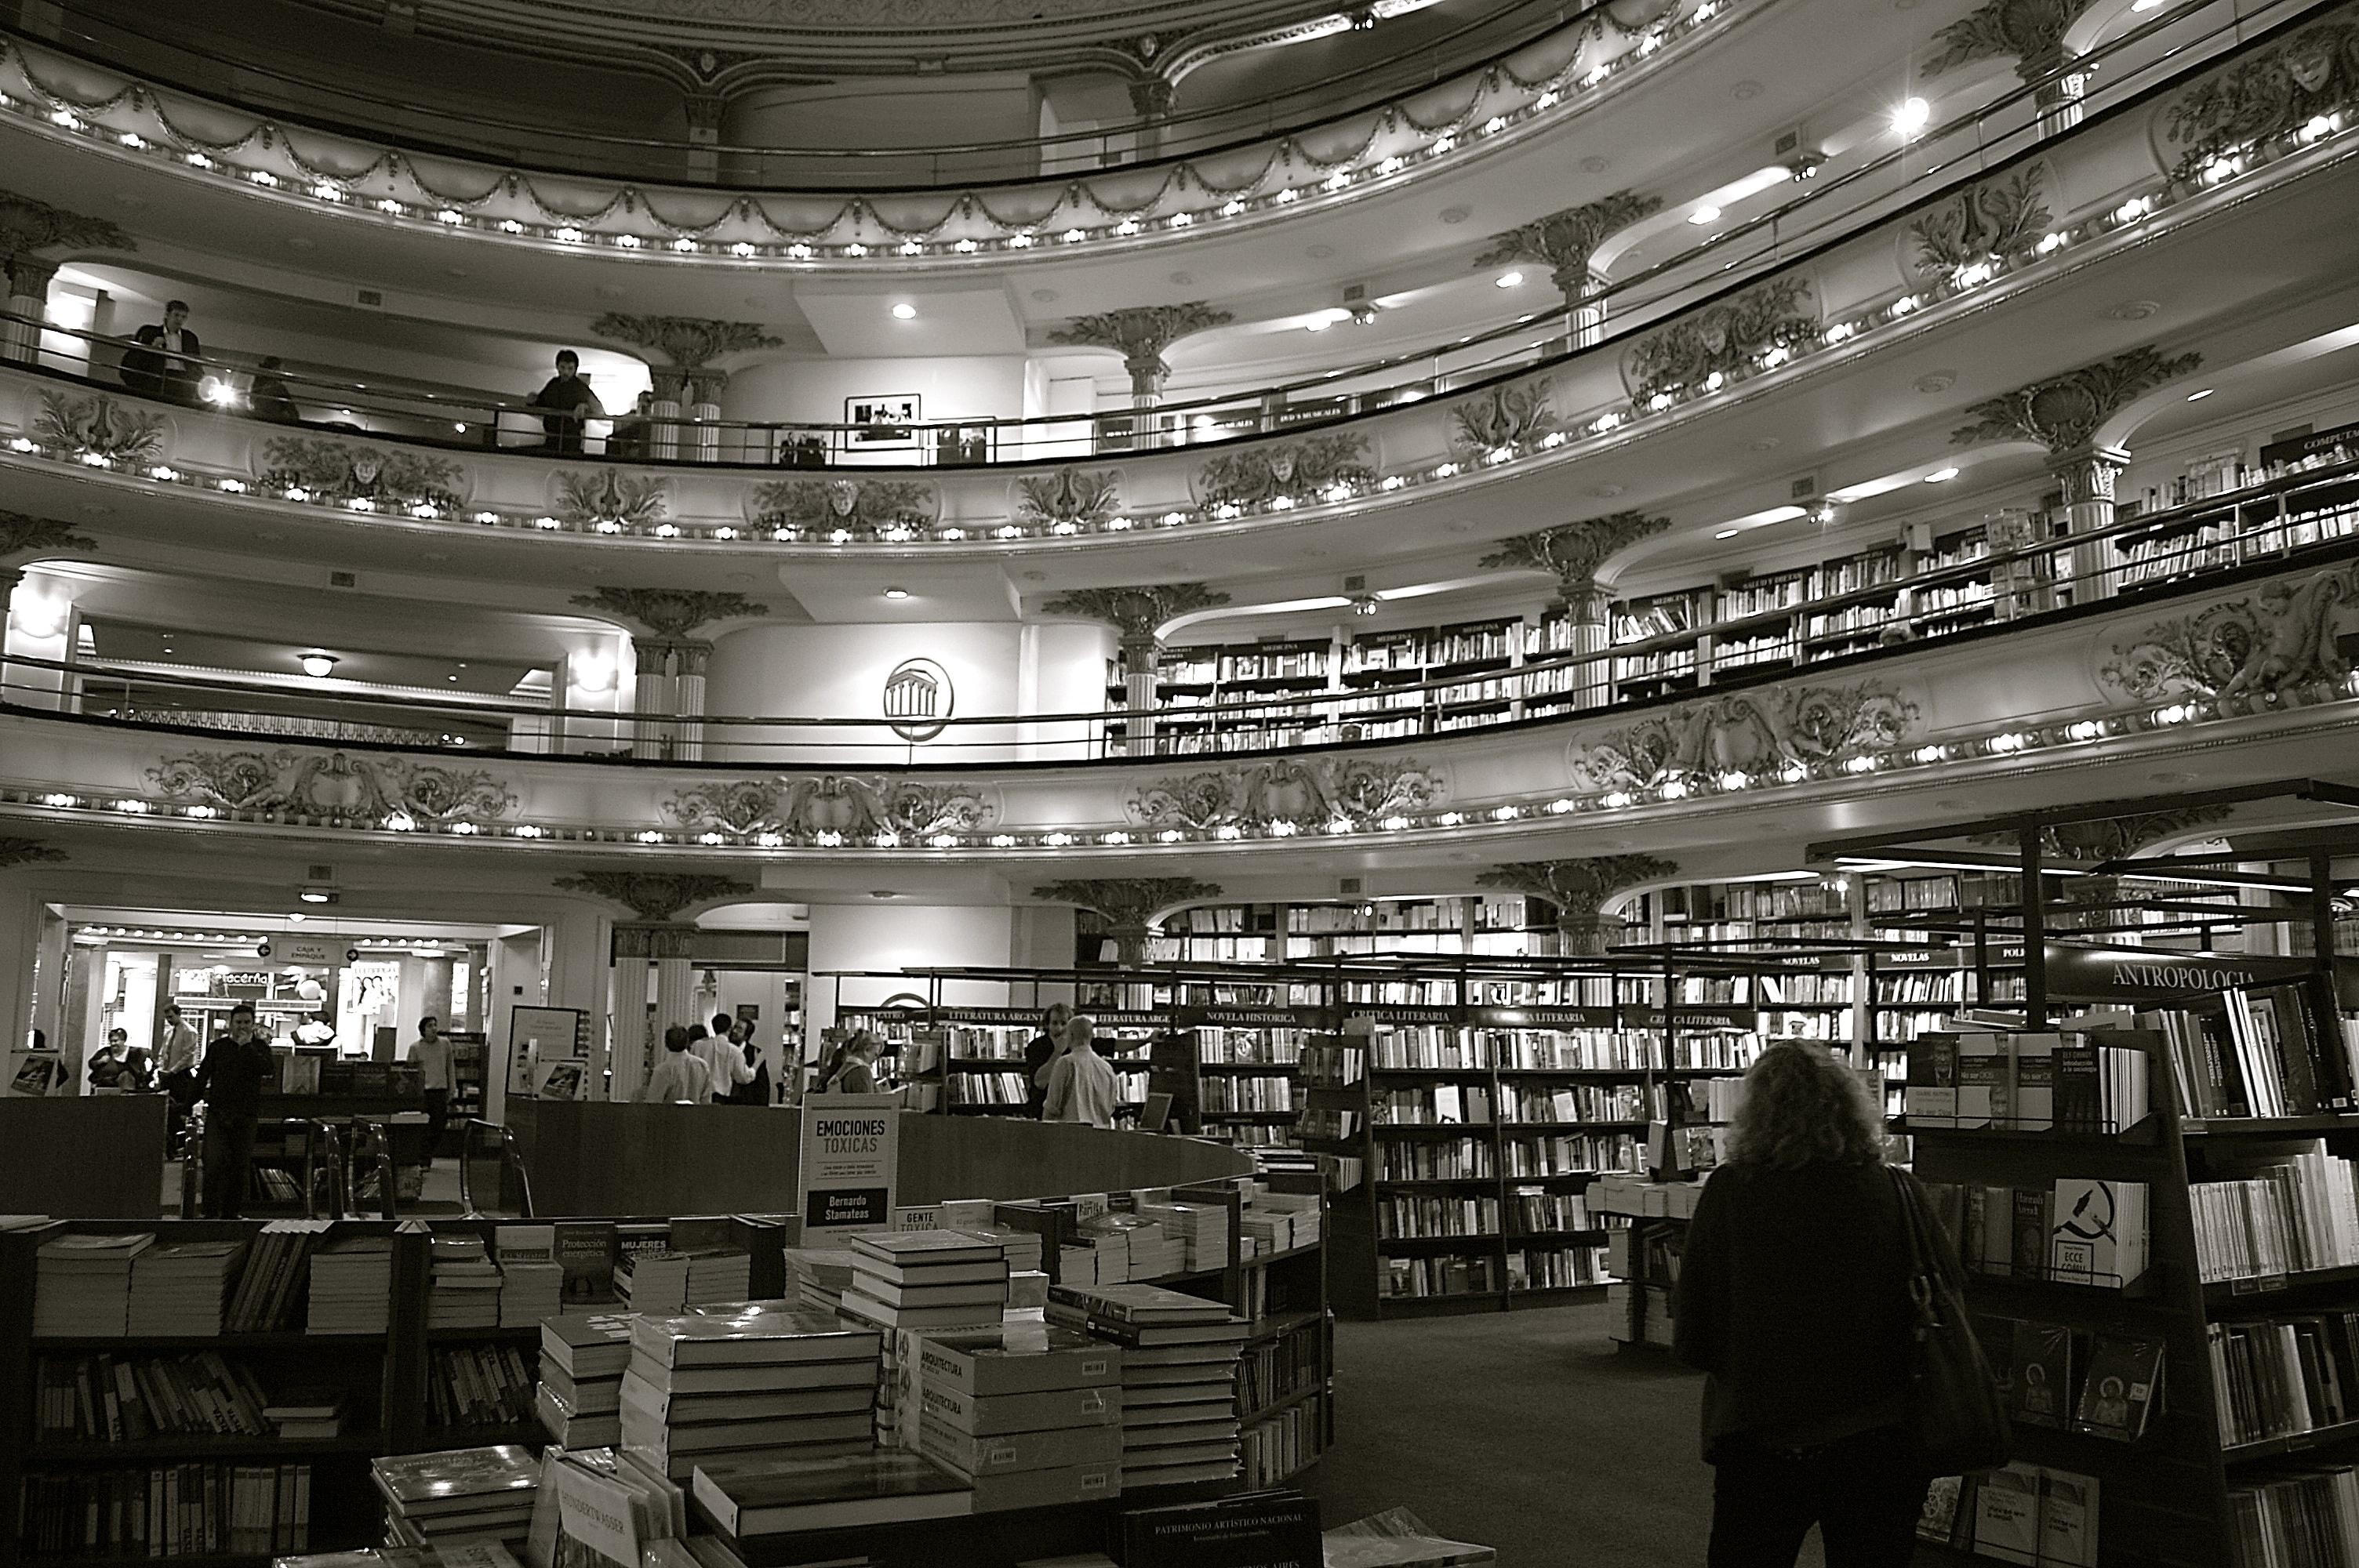 Wallpaper Building Books Interior Design Argentina